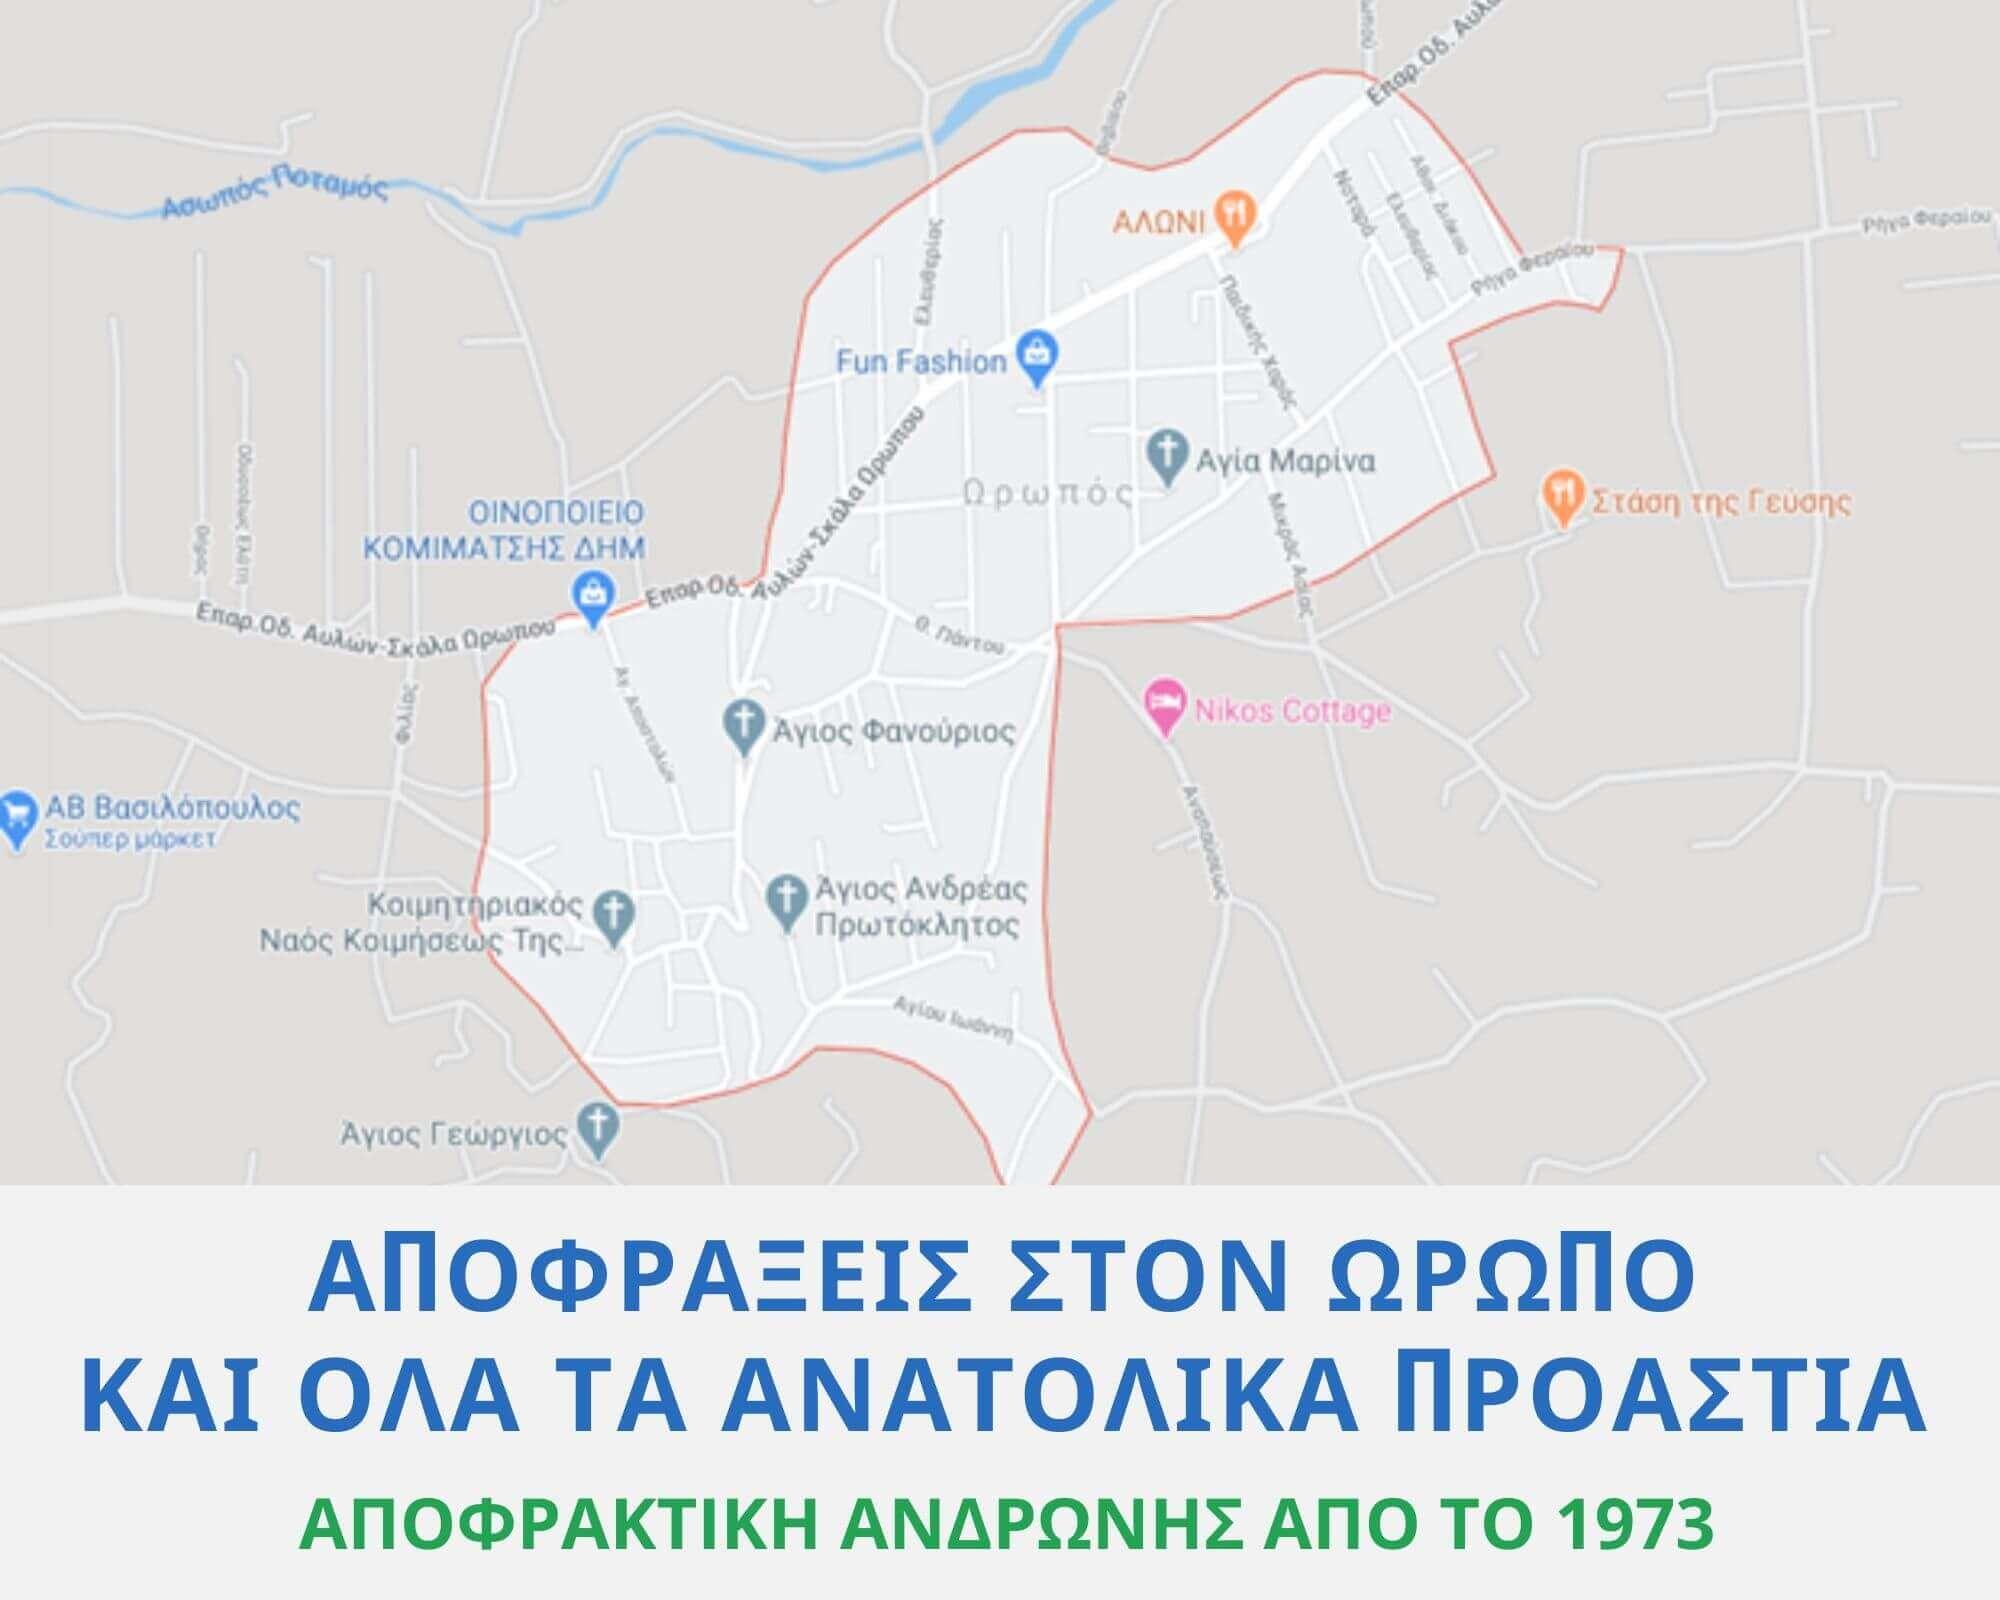 Αποφράξεις Ωρωπός - 213.02.50.818 - Αποφράξεις Αθήνα